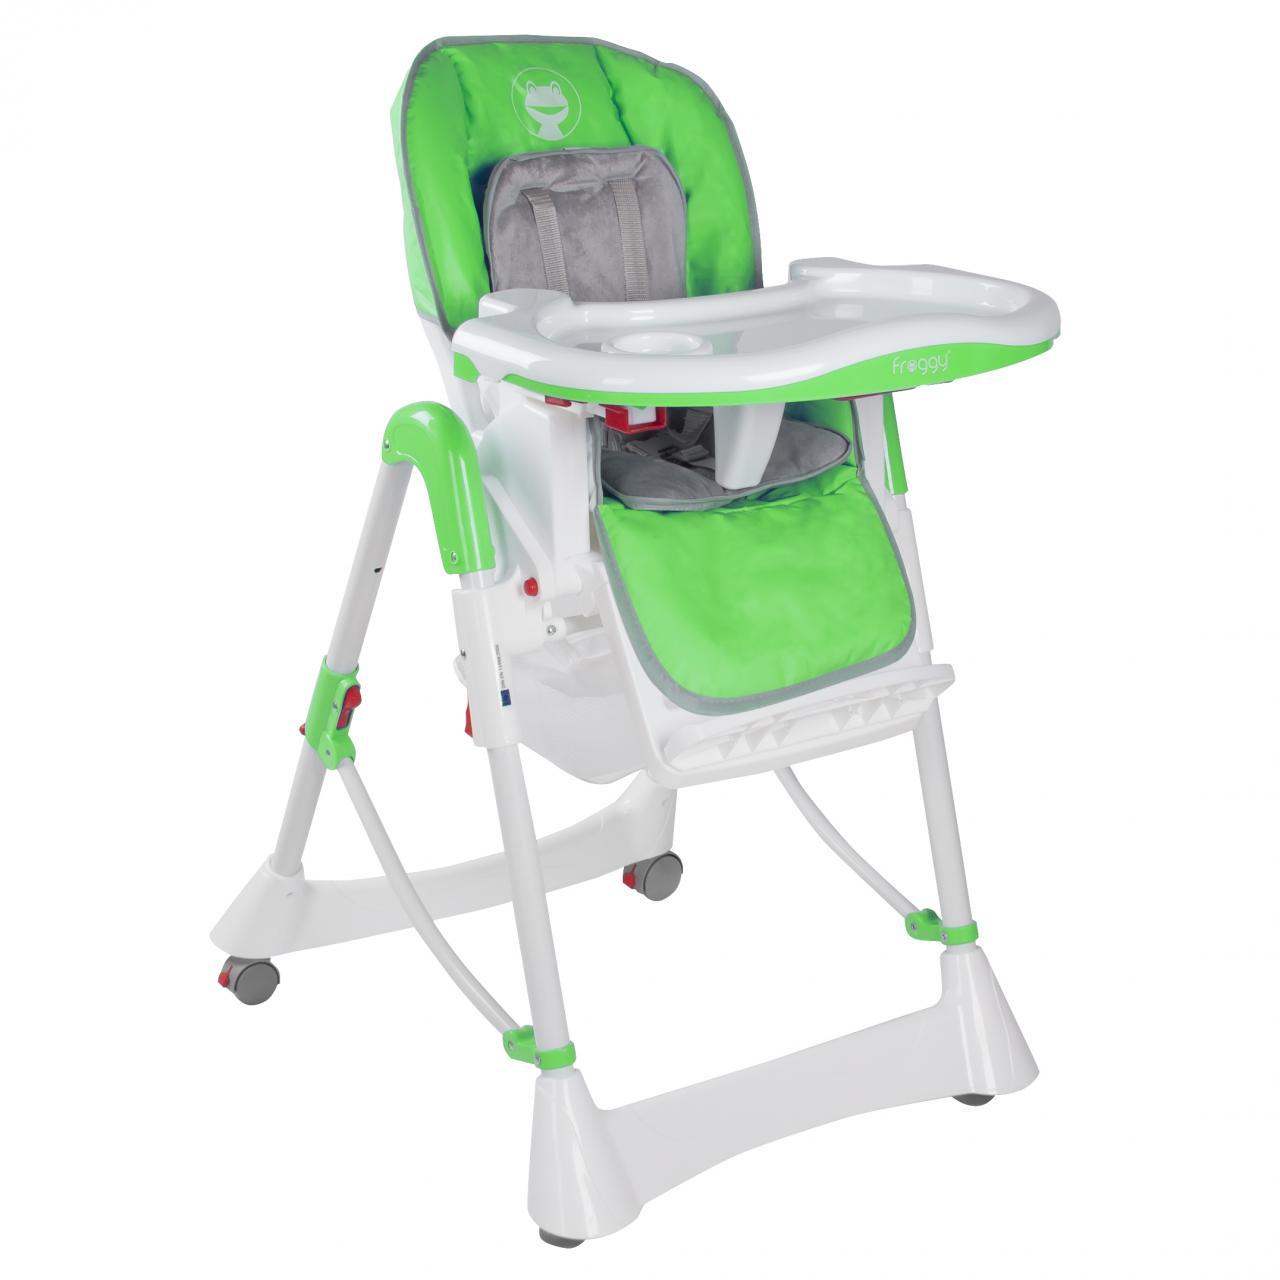 froggy baby kinder hochstuhl babystuhl kinderstuhl. Black Bedroom Furniture Sets. Home Design Ideas